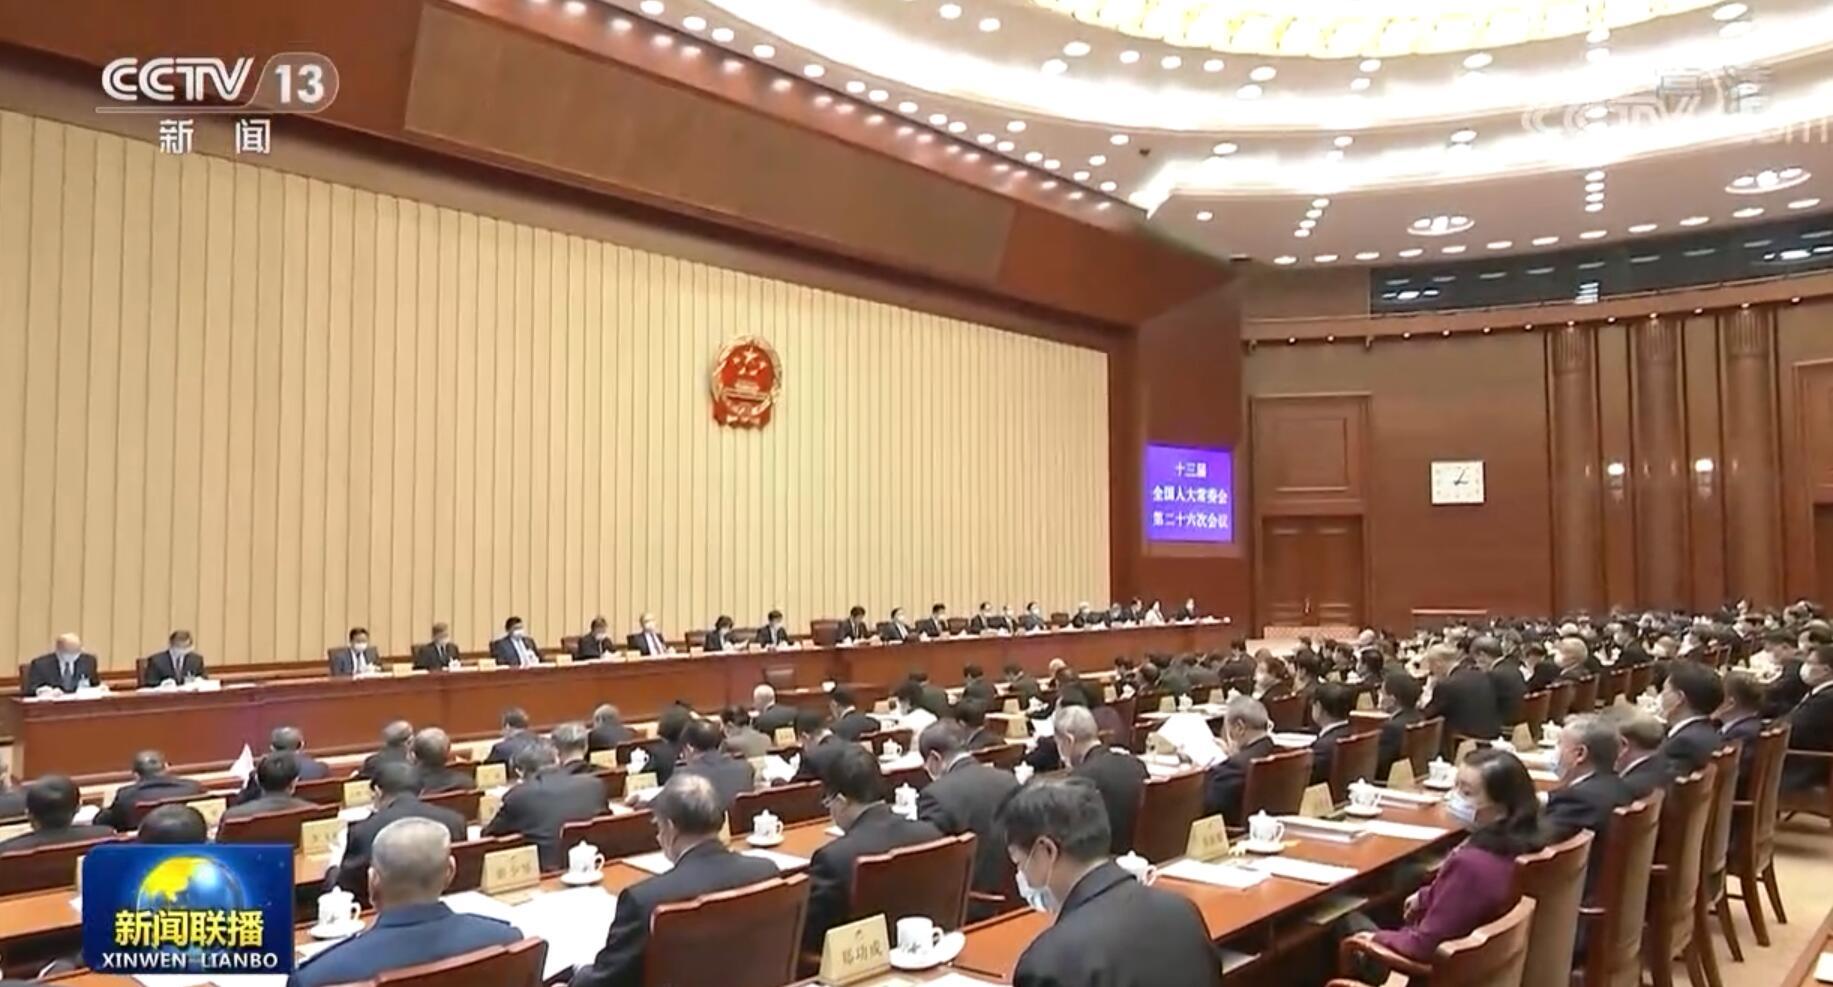 十三届全国人大常委会第二十六次会议在京闭幕